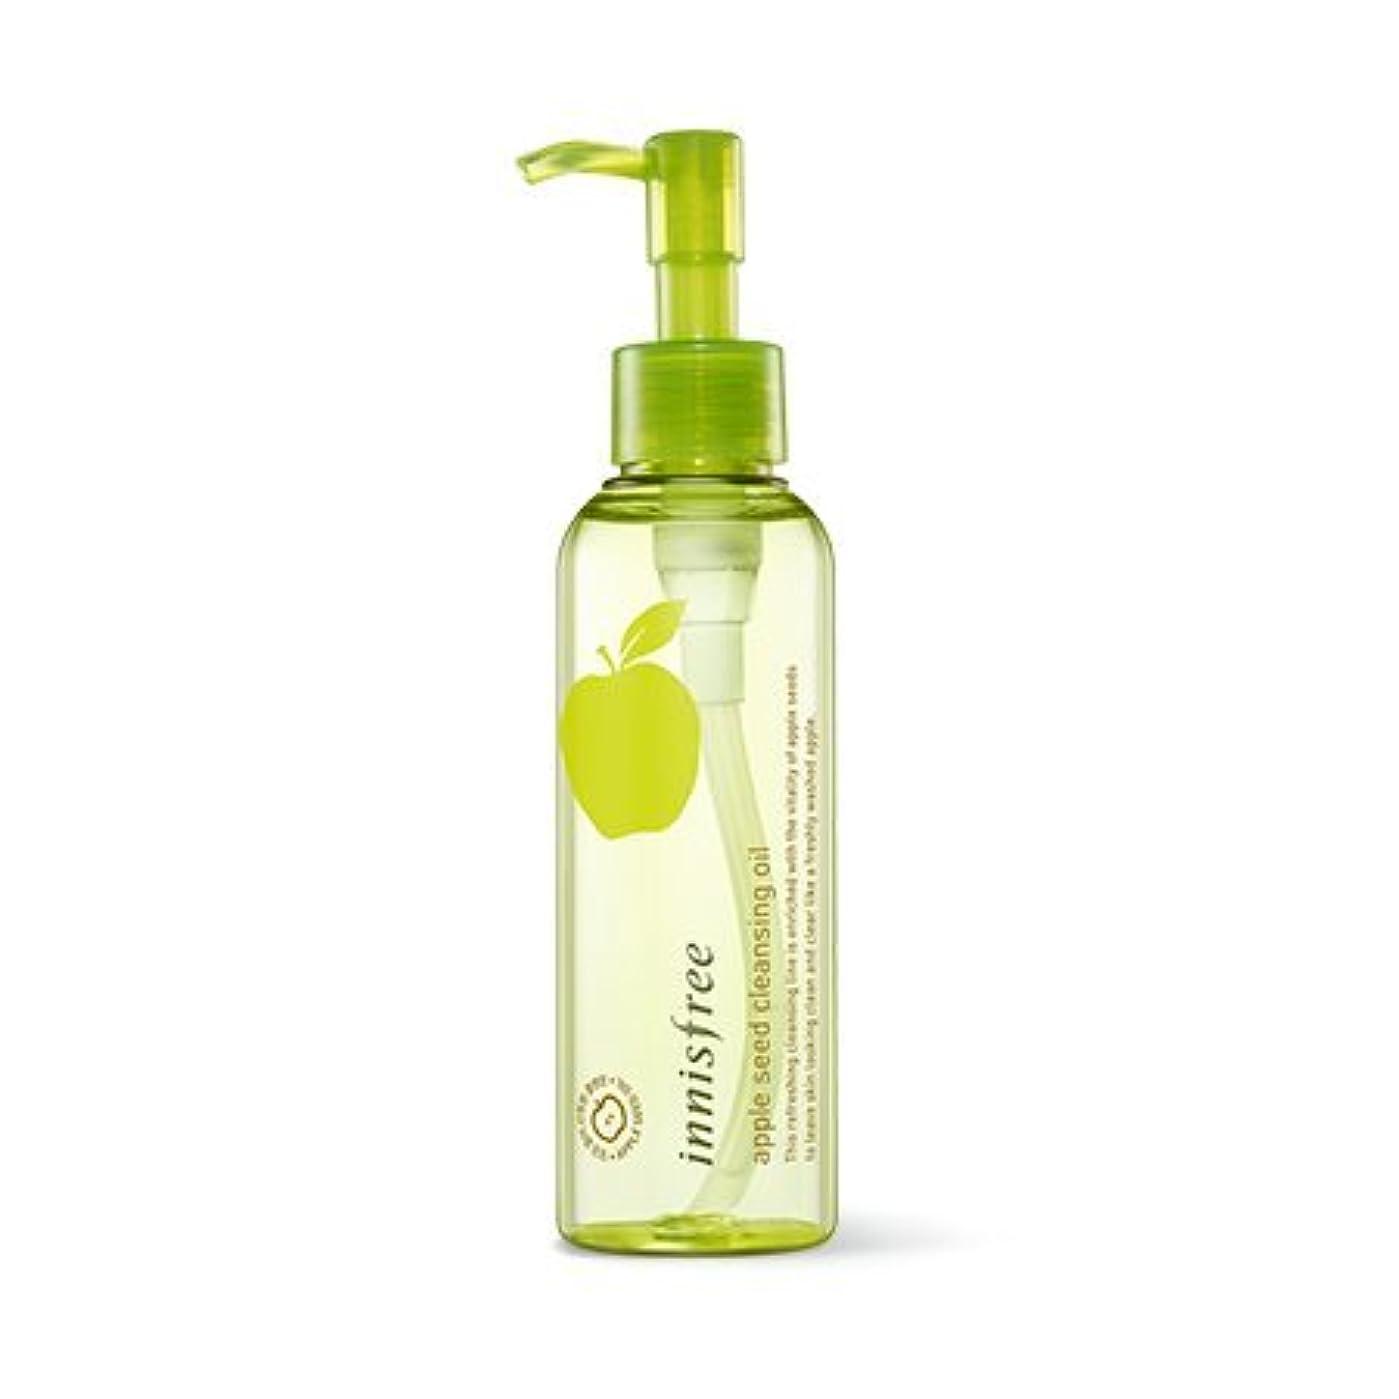 したがって贅沢な大佐[New] innisfree Apple Seed Cleansing Oil 150ml/イニスフリー アップル シード クレンジング オイル 150ml